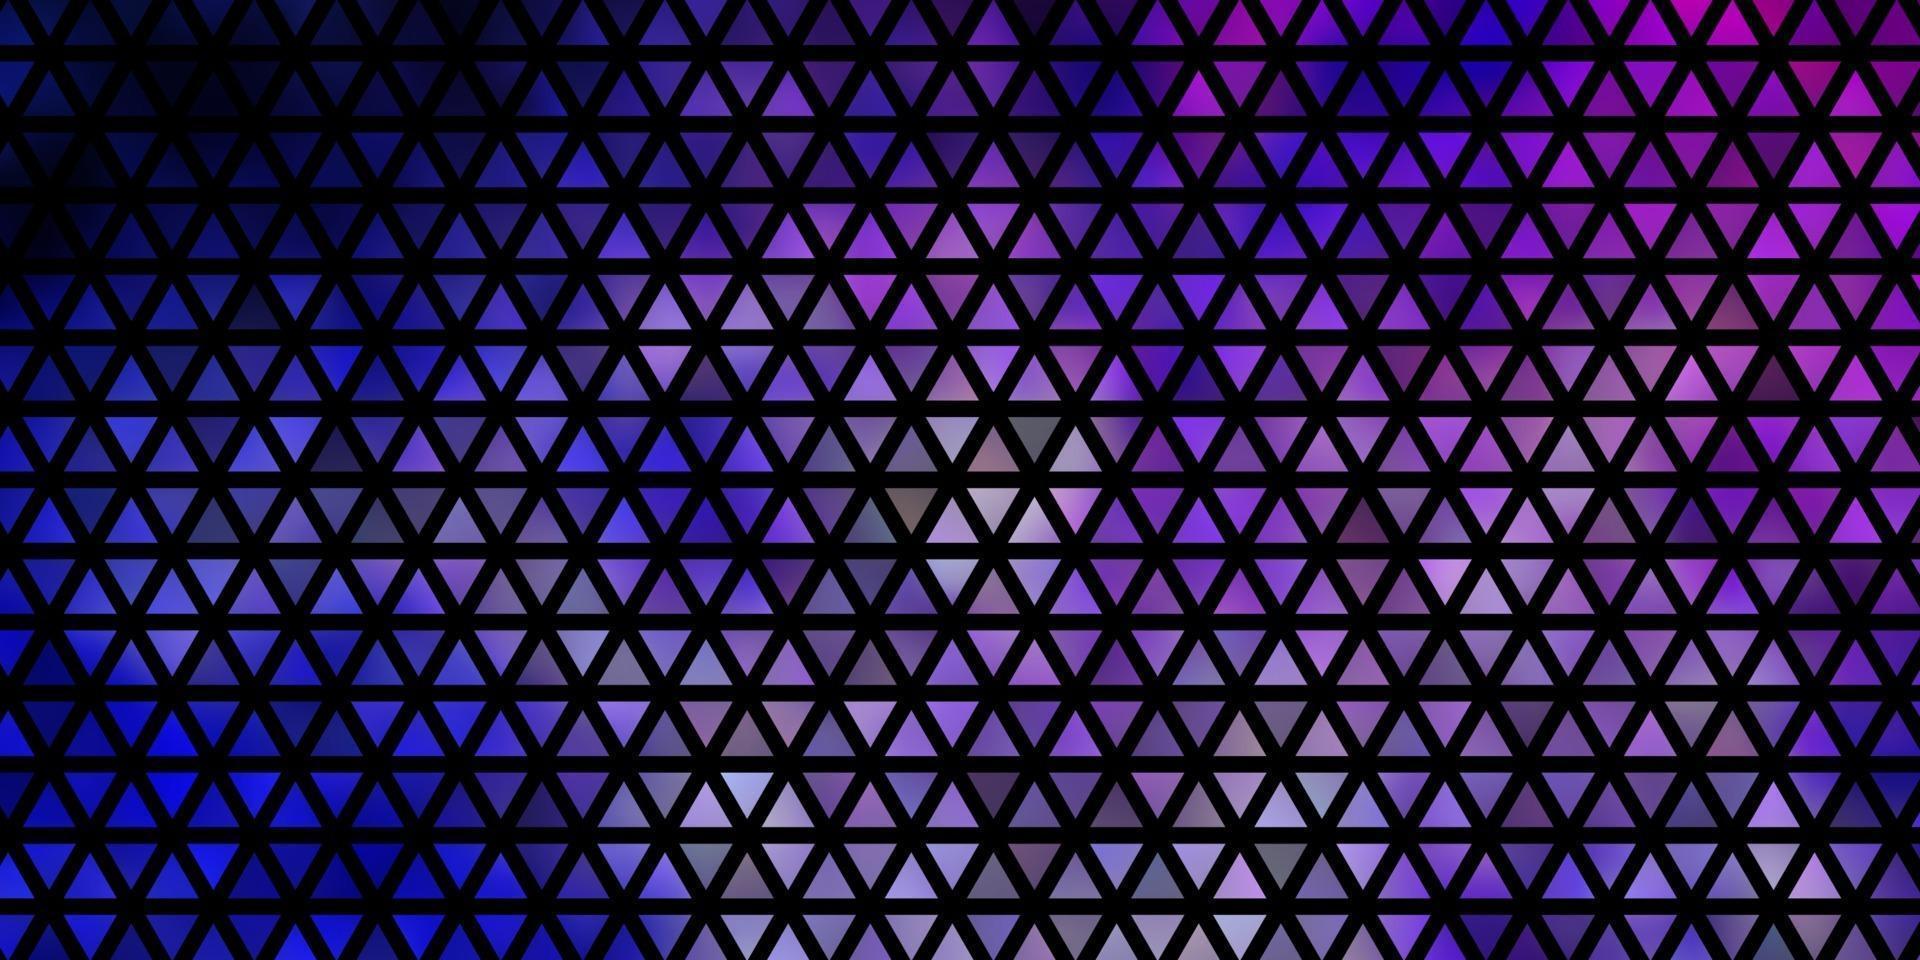 sfondo vettoriale rosa chiaro, blu con linee, triangoli.